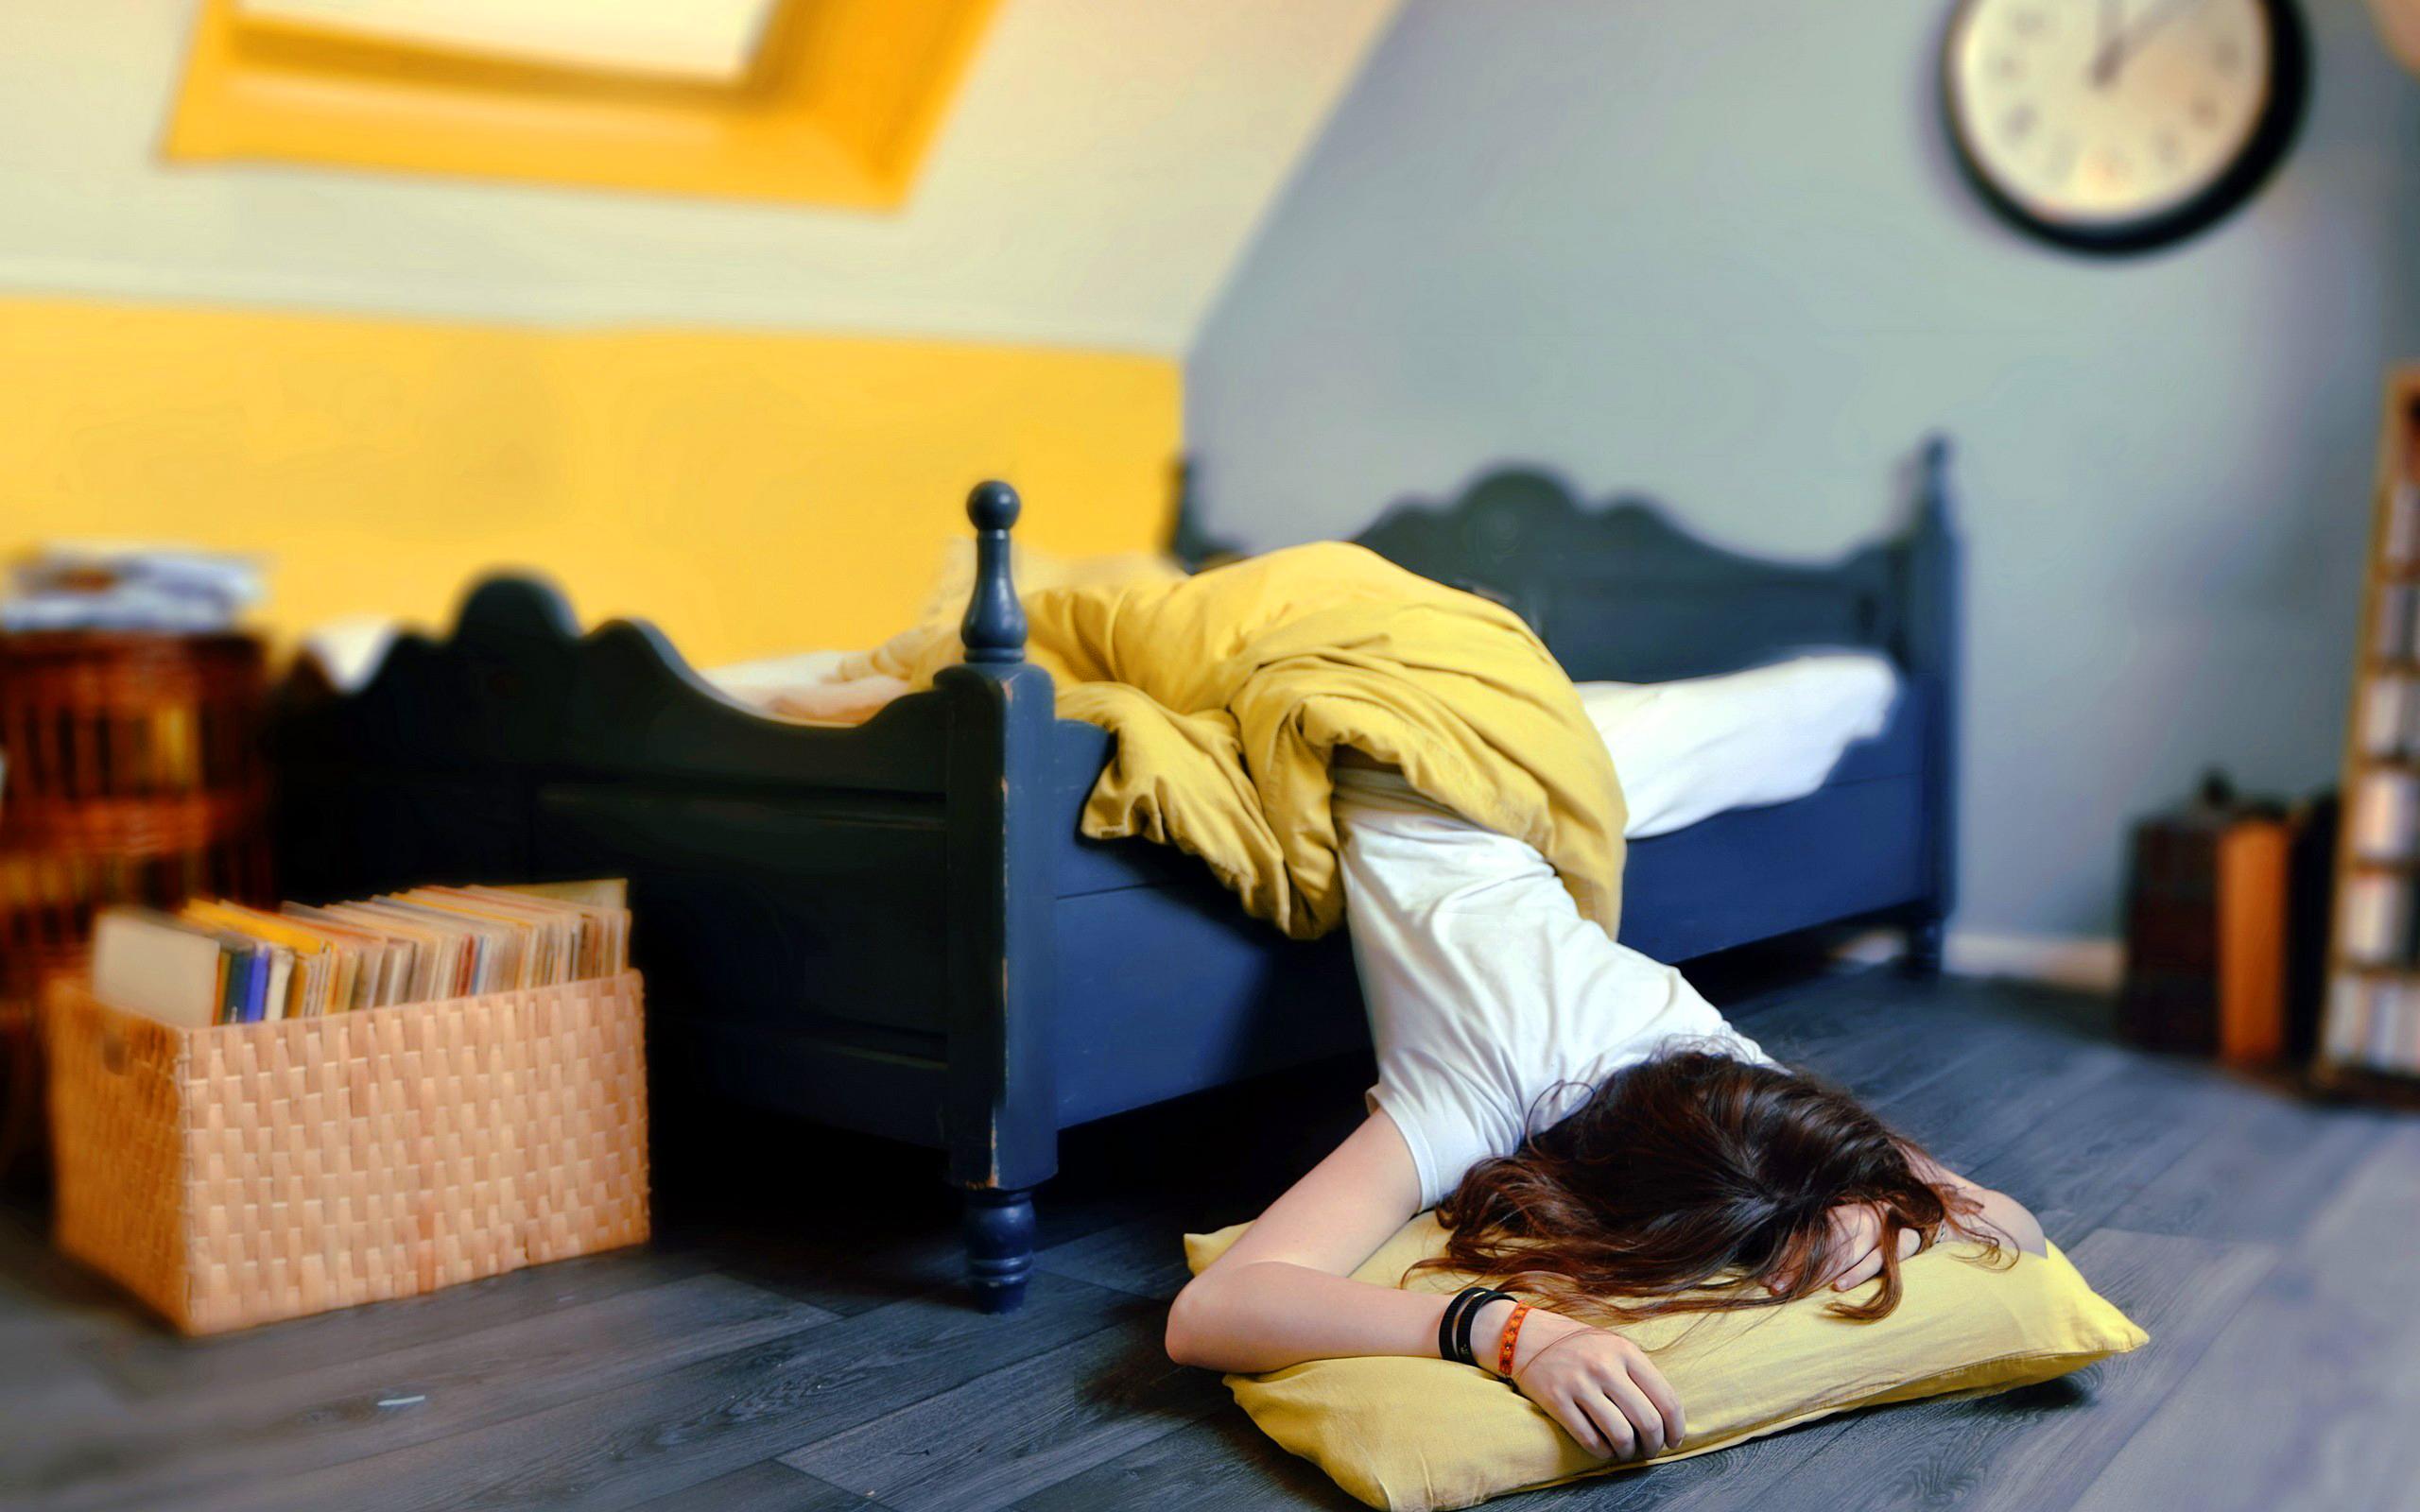 Каква изненада: Жените спят повече от мъжете